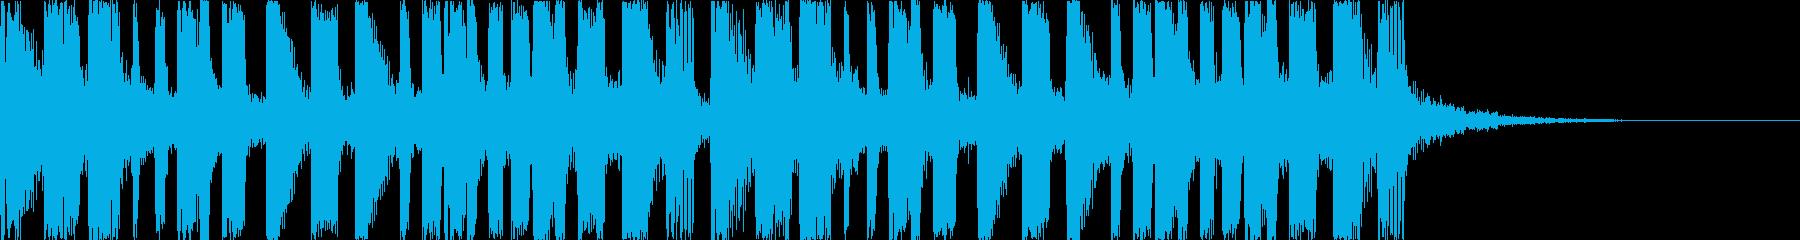 キャッチーで印象的なEDMの再生済みの波形